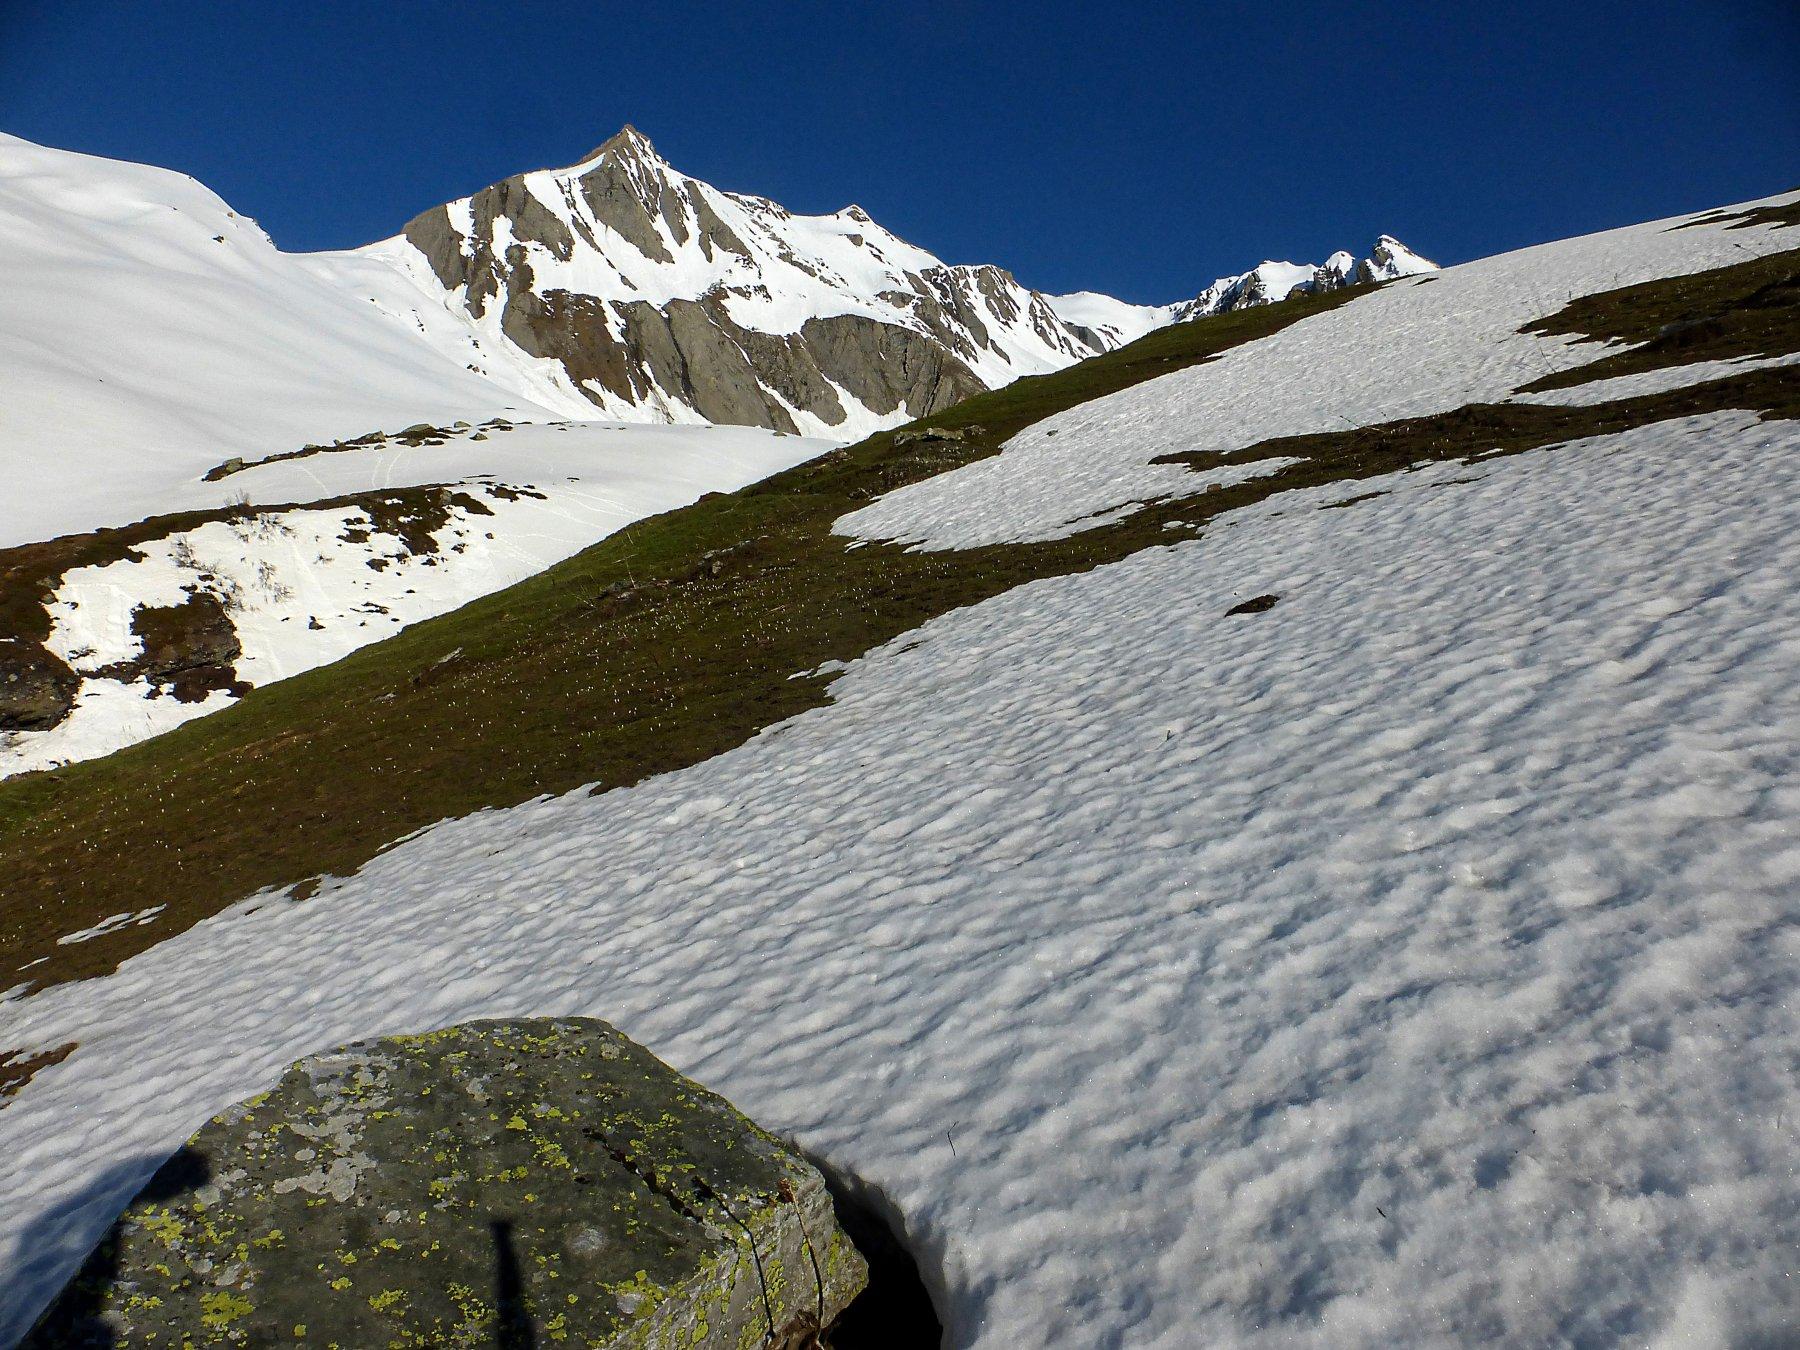 prime lingue di neve sotto Farcoz